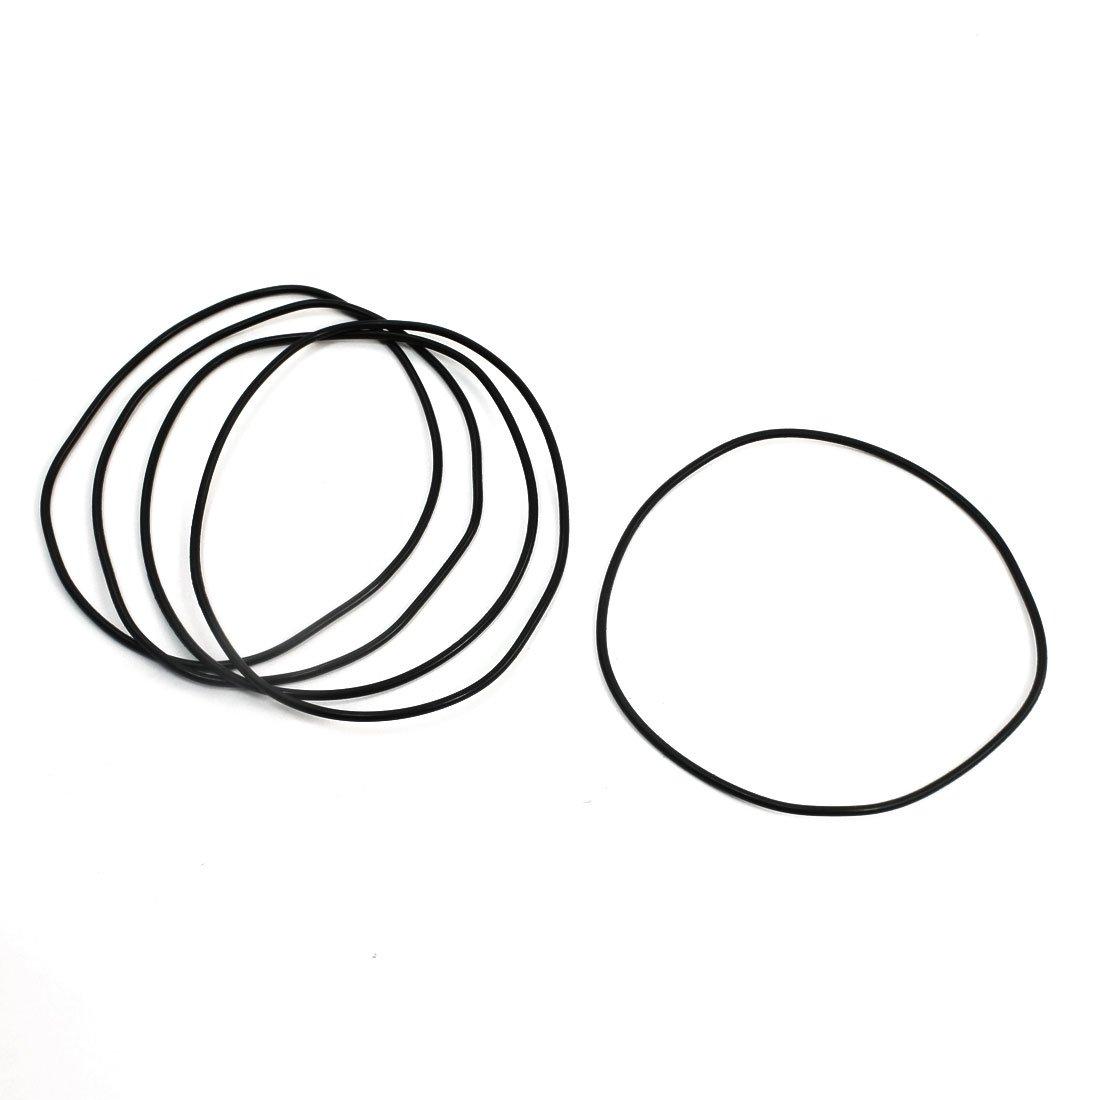 Sourcingmap, a14022400ux0406, 5 85 x 2 mm guarnizioni in gomma flessibile sigillati O-ring Guarnizioni Nero